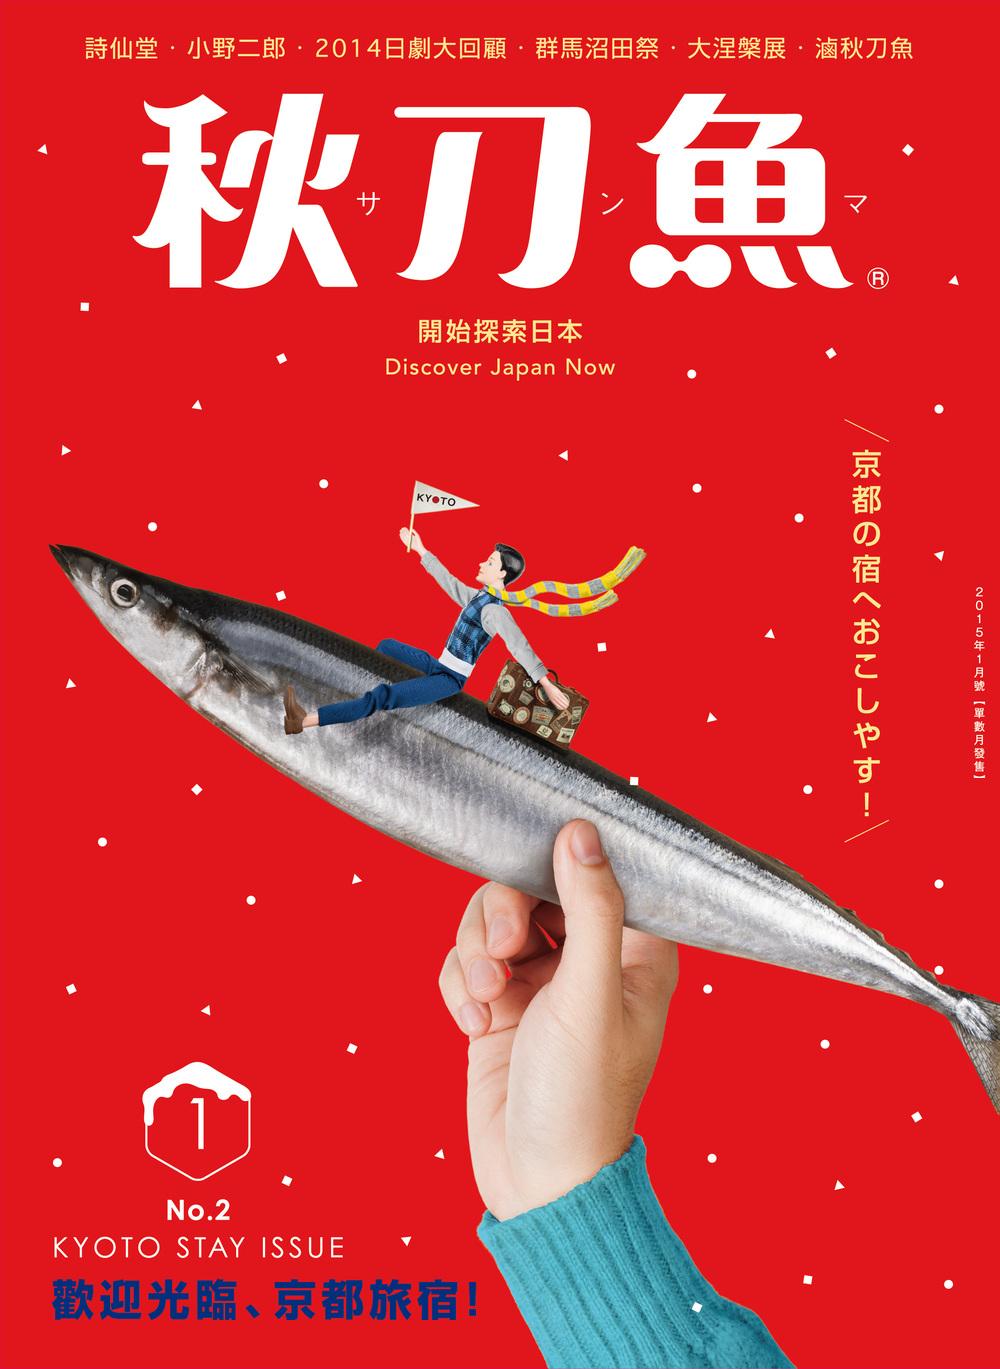 2015年1月號第2期〈歡迎光臨、京都旅宿!〉